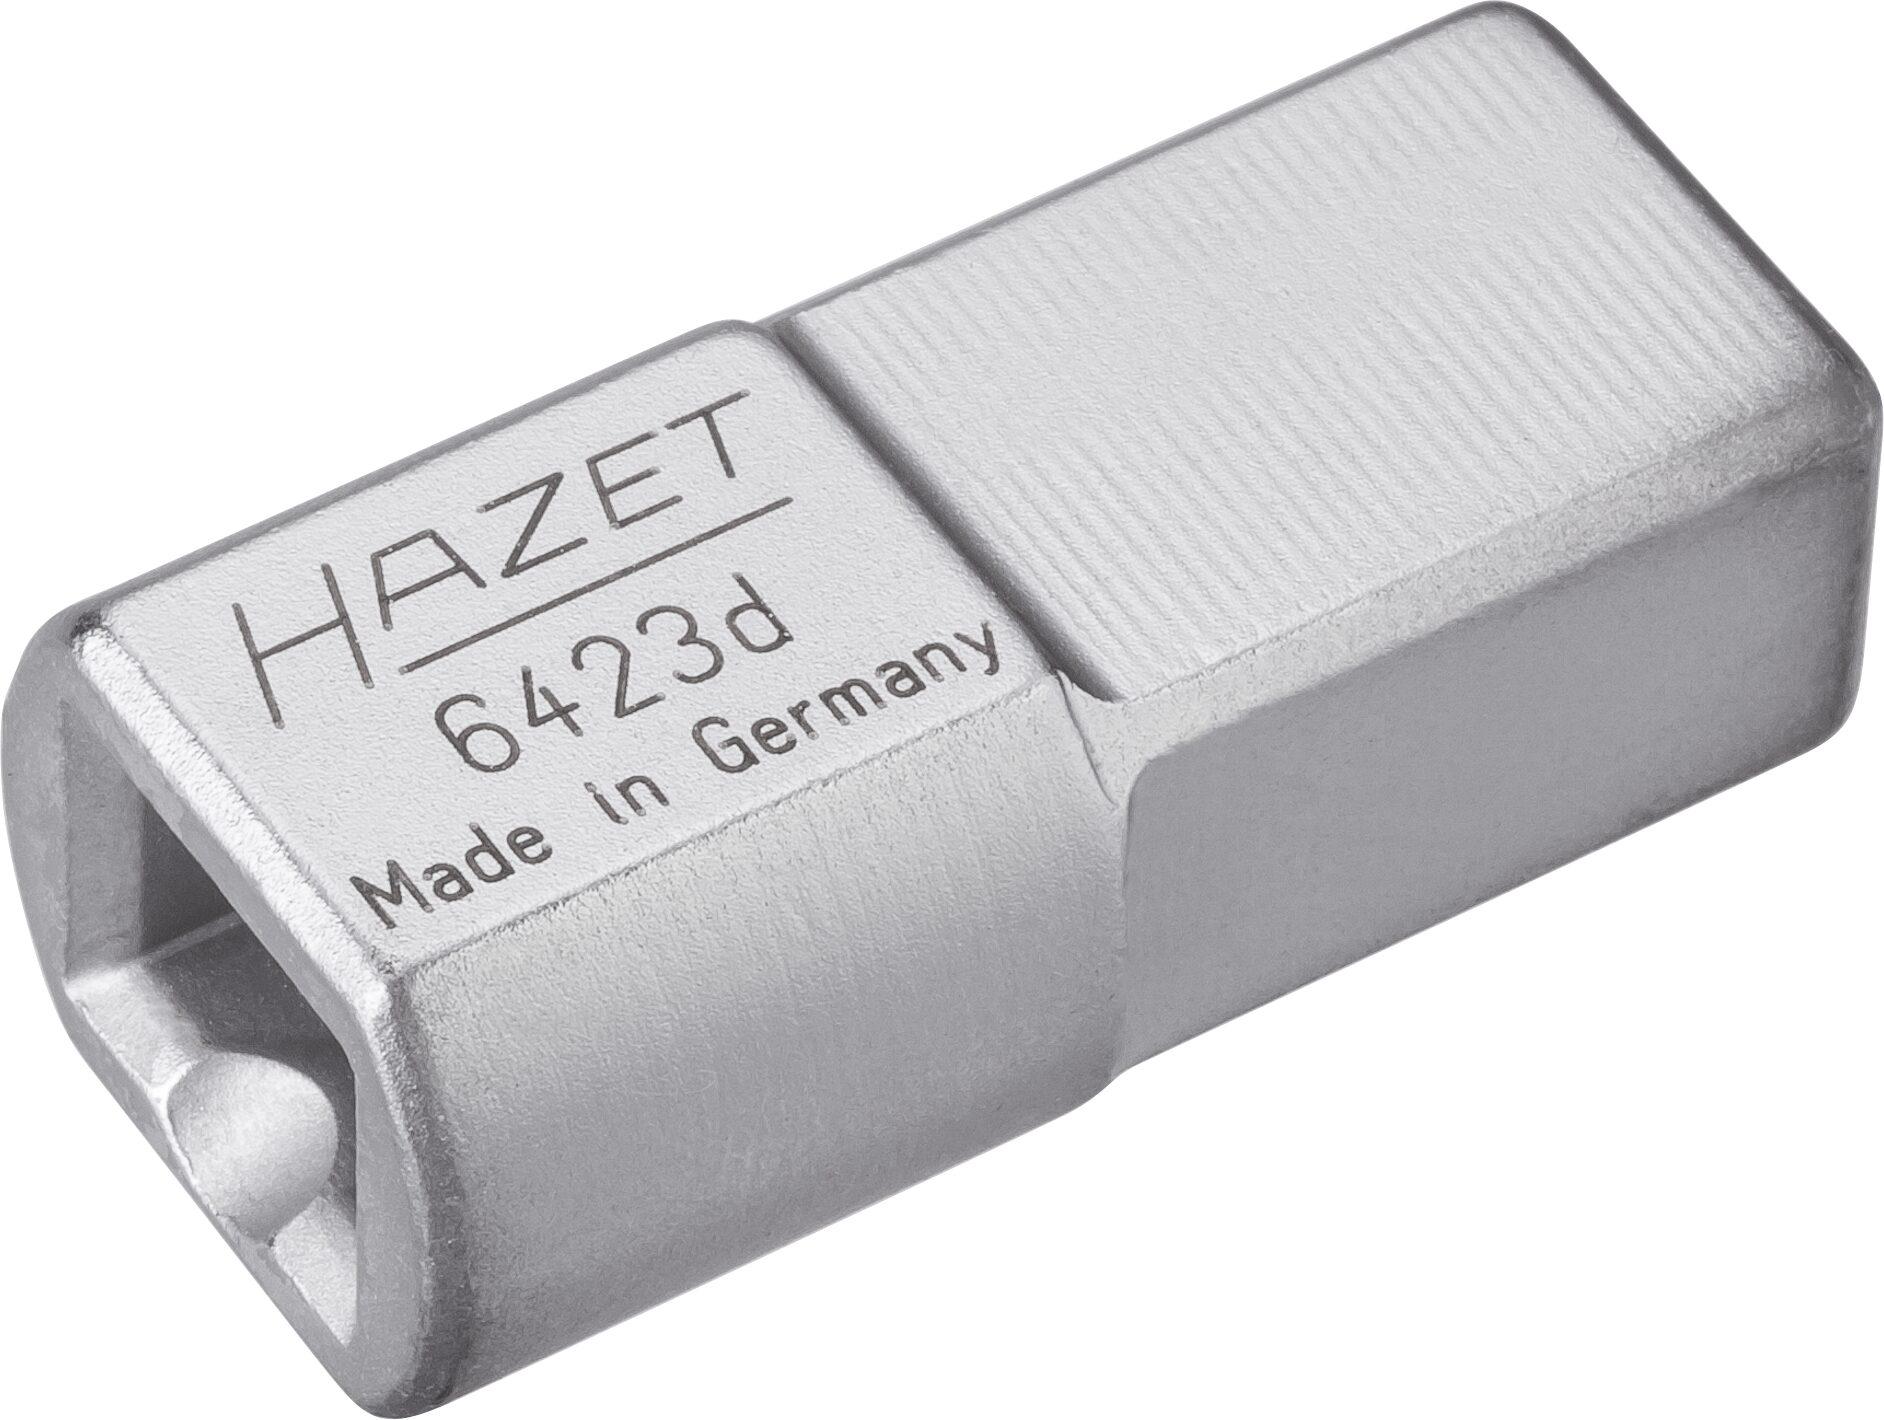 HAZET Einsteck-Adapter 6423D ∙ Einsteck-Vierkant 14 x 18 mm ∙ Einsteck-Vierkant 9 x 12 mm